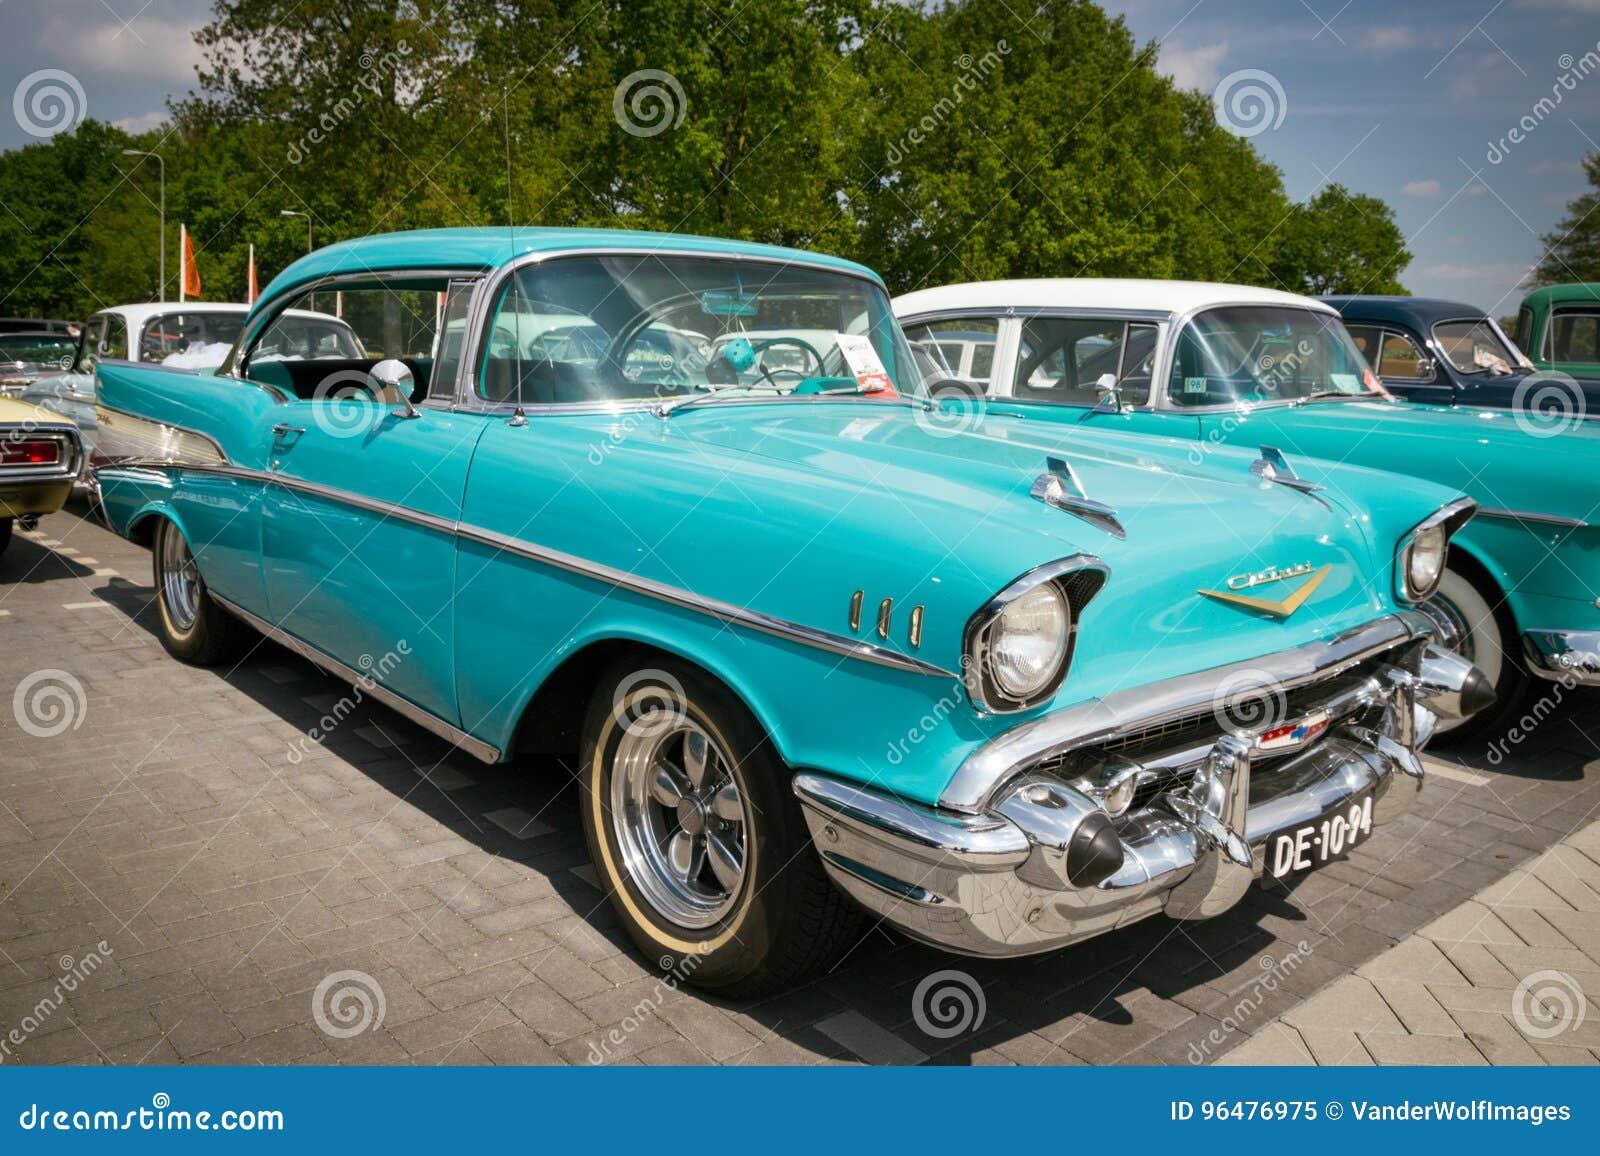 Kekurangan Chevrolet Bel Air 1957 Spesifikasi